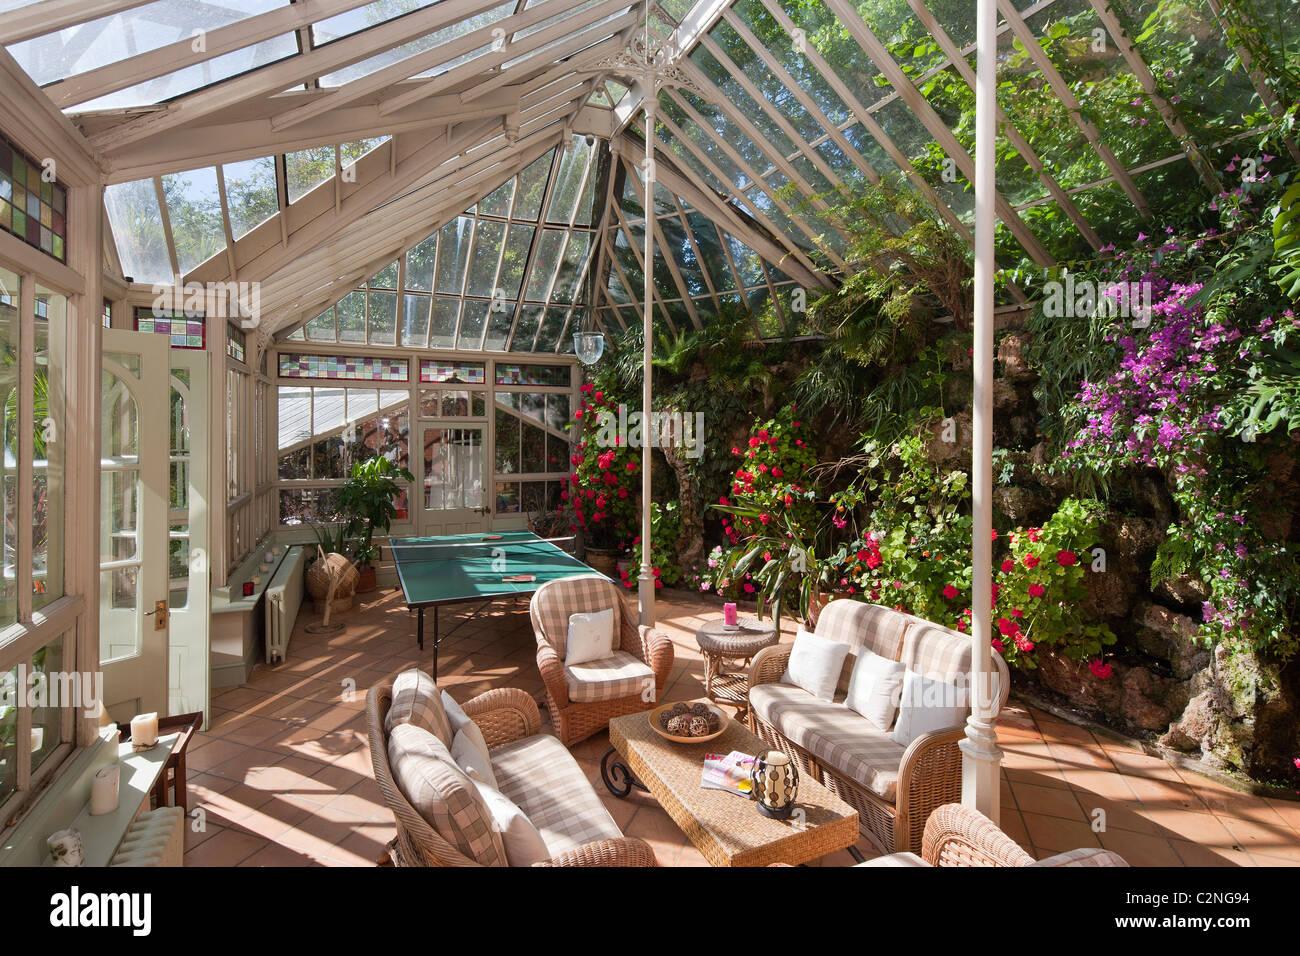 Aranciera e parete di tufo . Veranda con mobili da giardino Immagini Stock